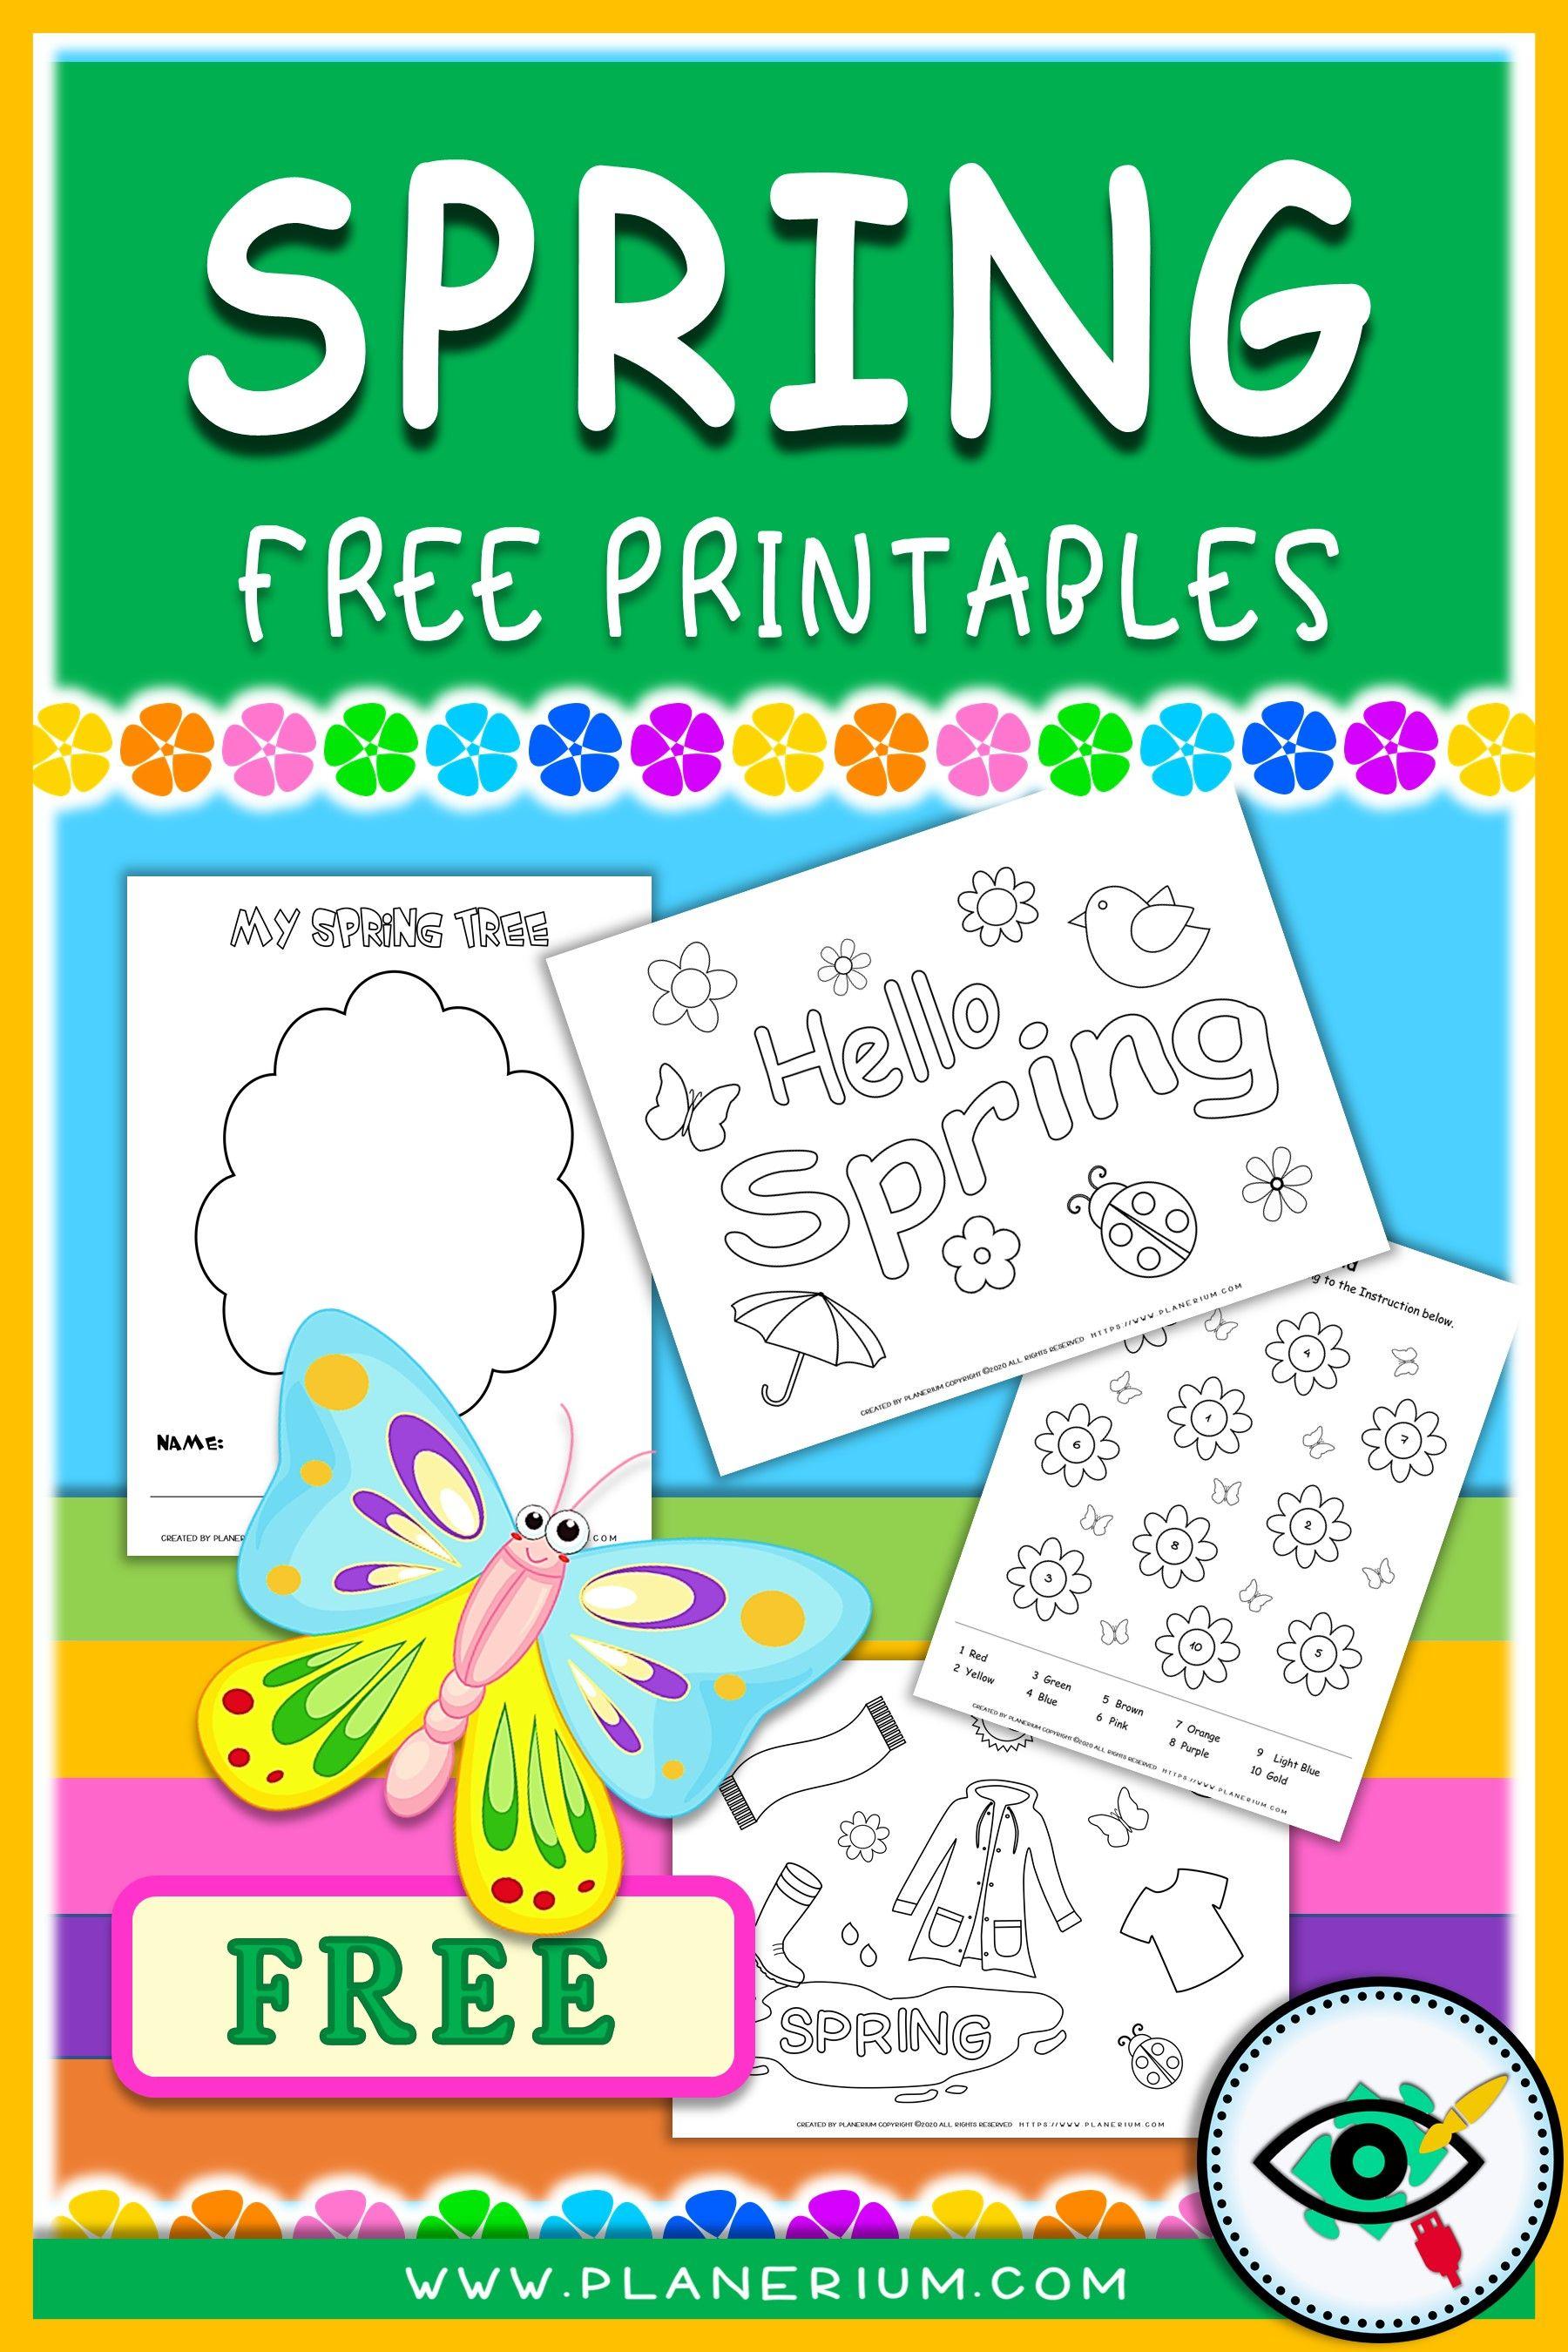 Best Printables For Spring 2021 Planerium Fun Worksheets For Kids Spring Kindergarten Spring Printables Free Kids [ 2700 x 1800 Pixel ]